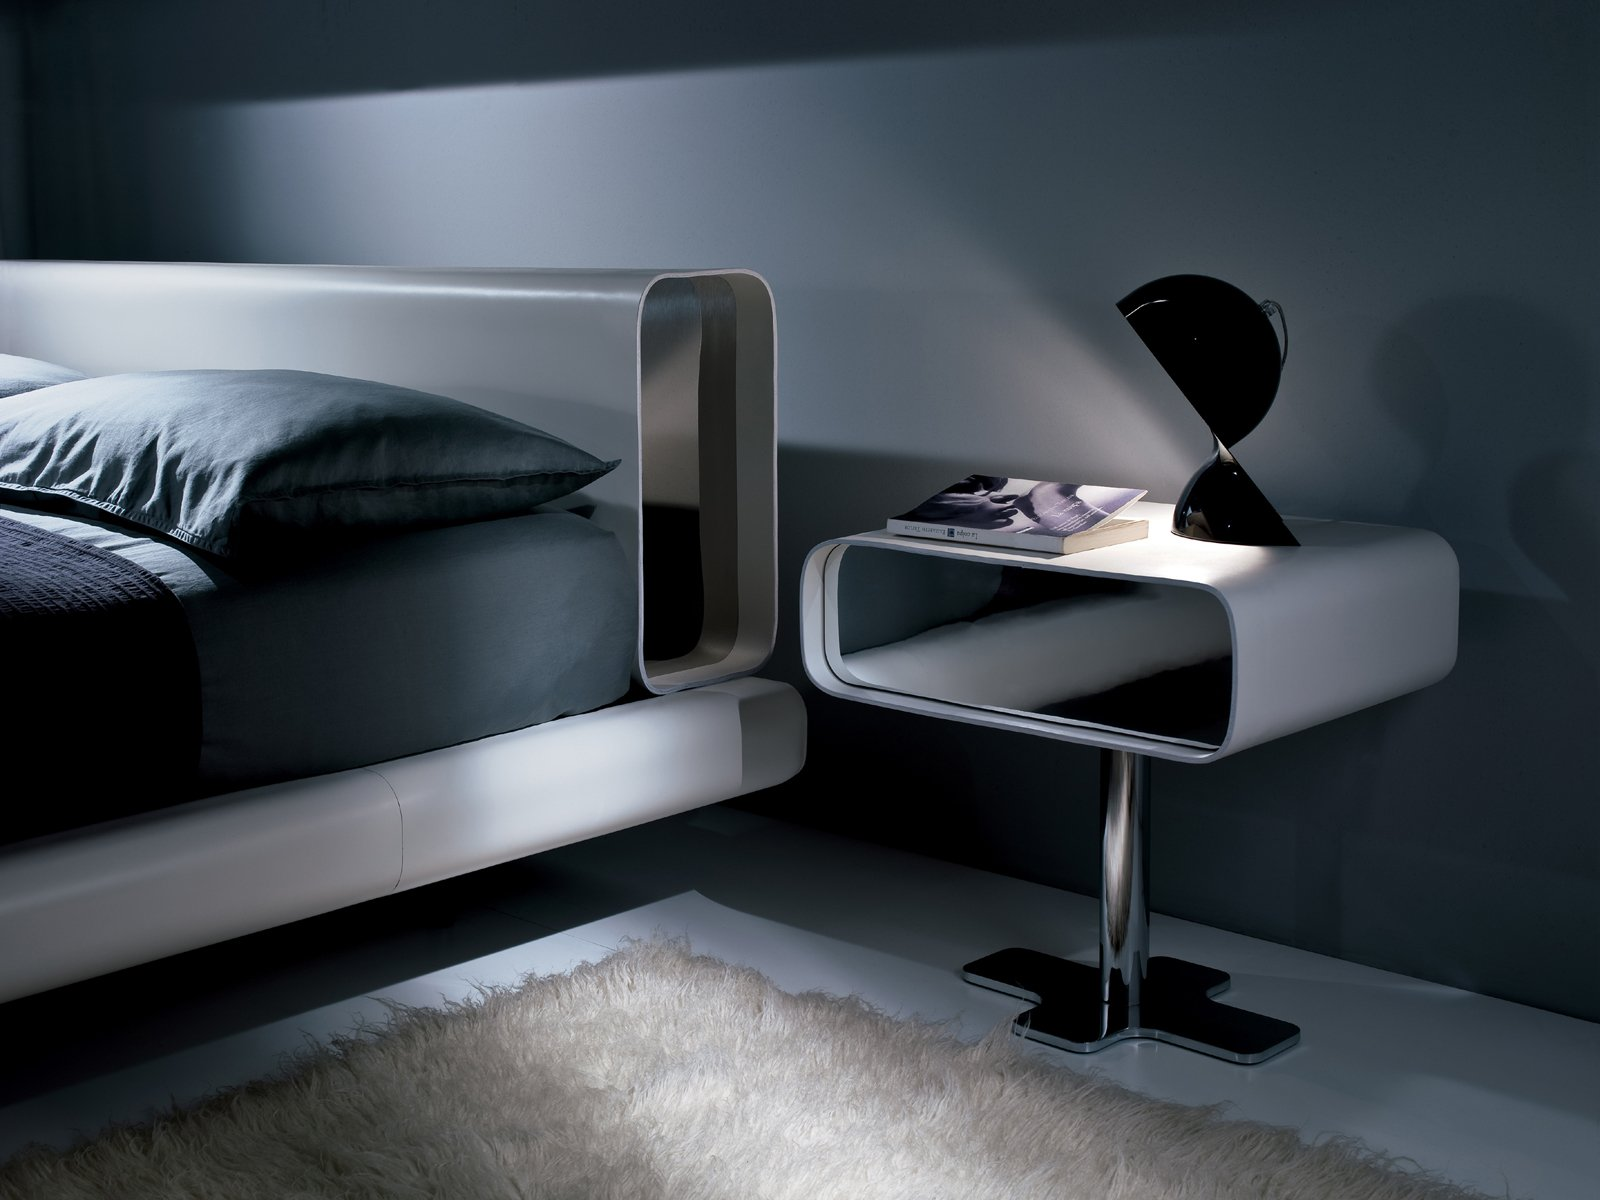 Table de nuit en bois massif avec tiroirs collection tube - Table de nuit habitat ...